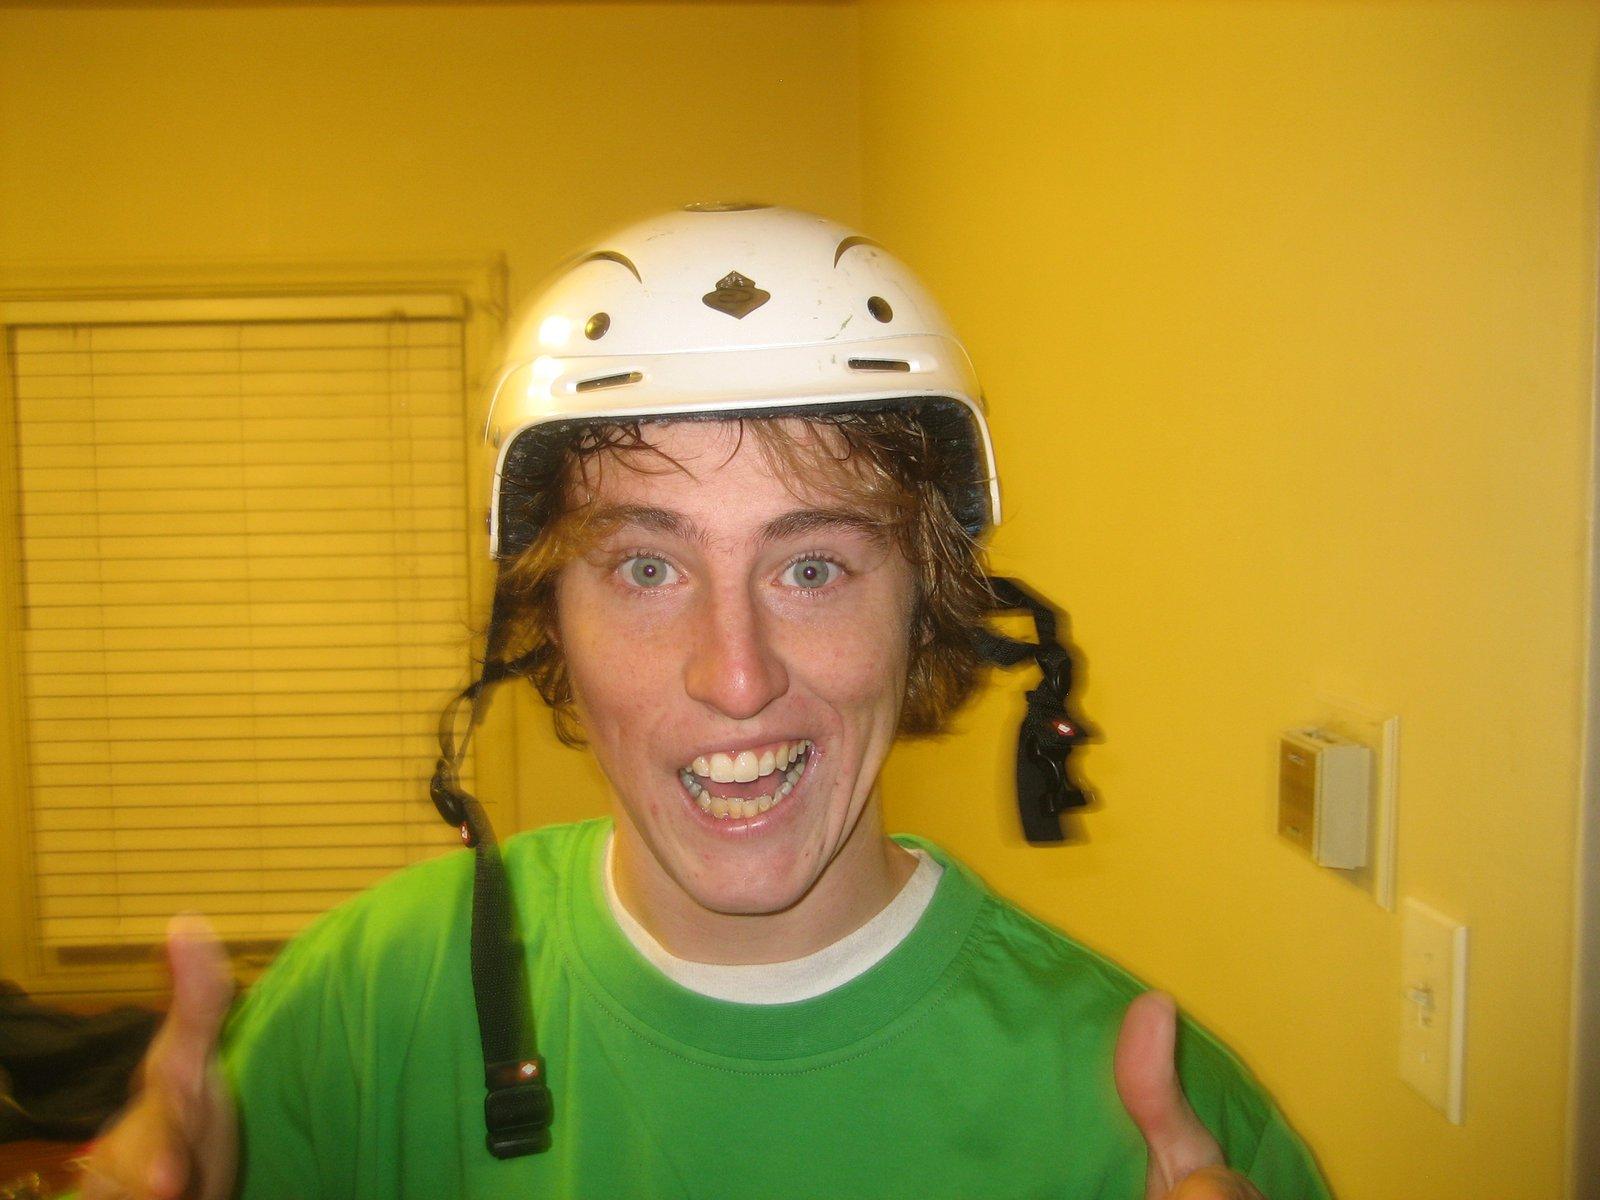 Tommy in helmet